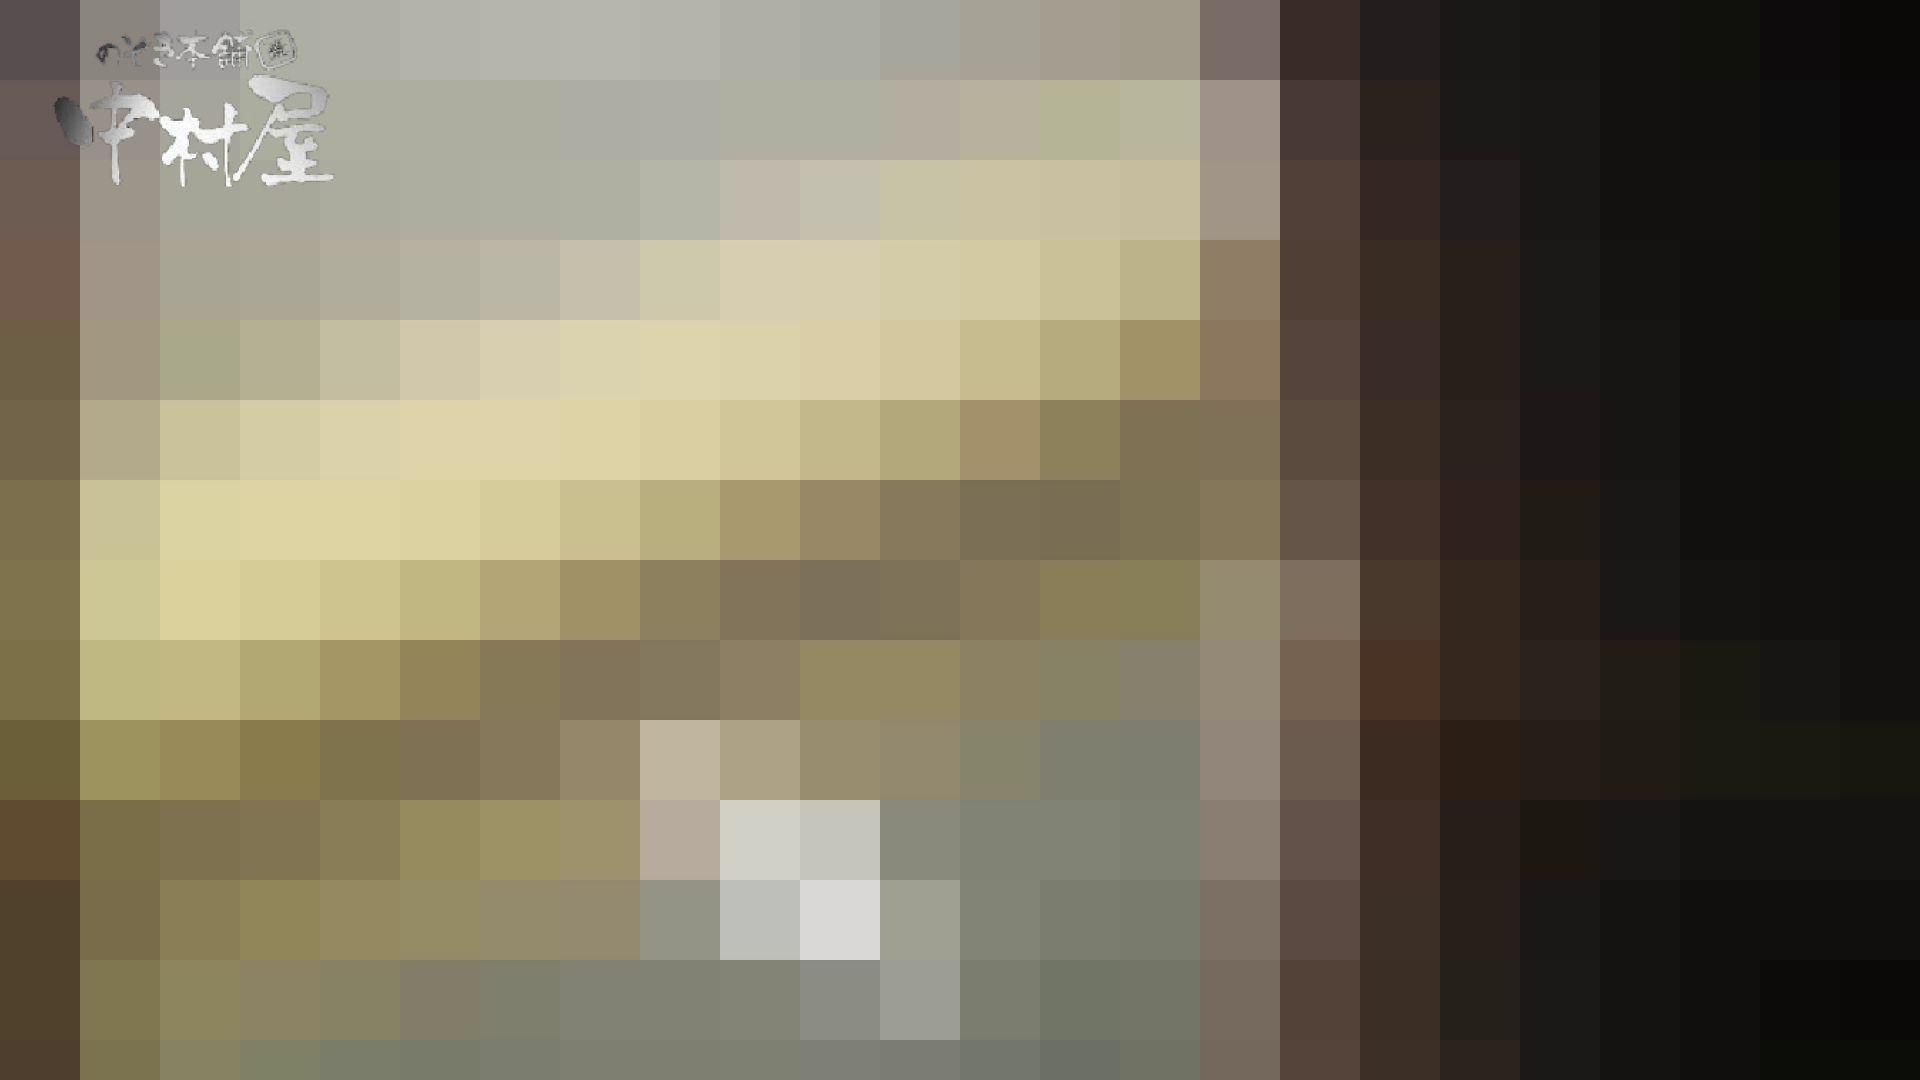 【世界の射窓から】世界の射窓から vol.18後編 洗面所   OL女体  49連発 45